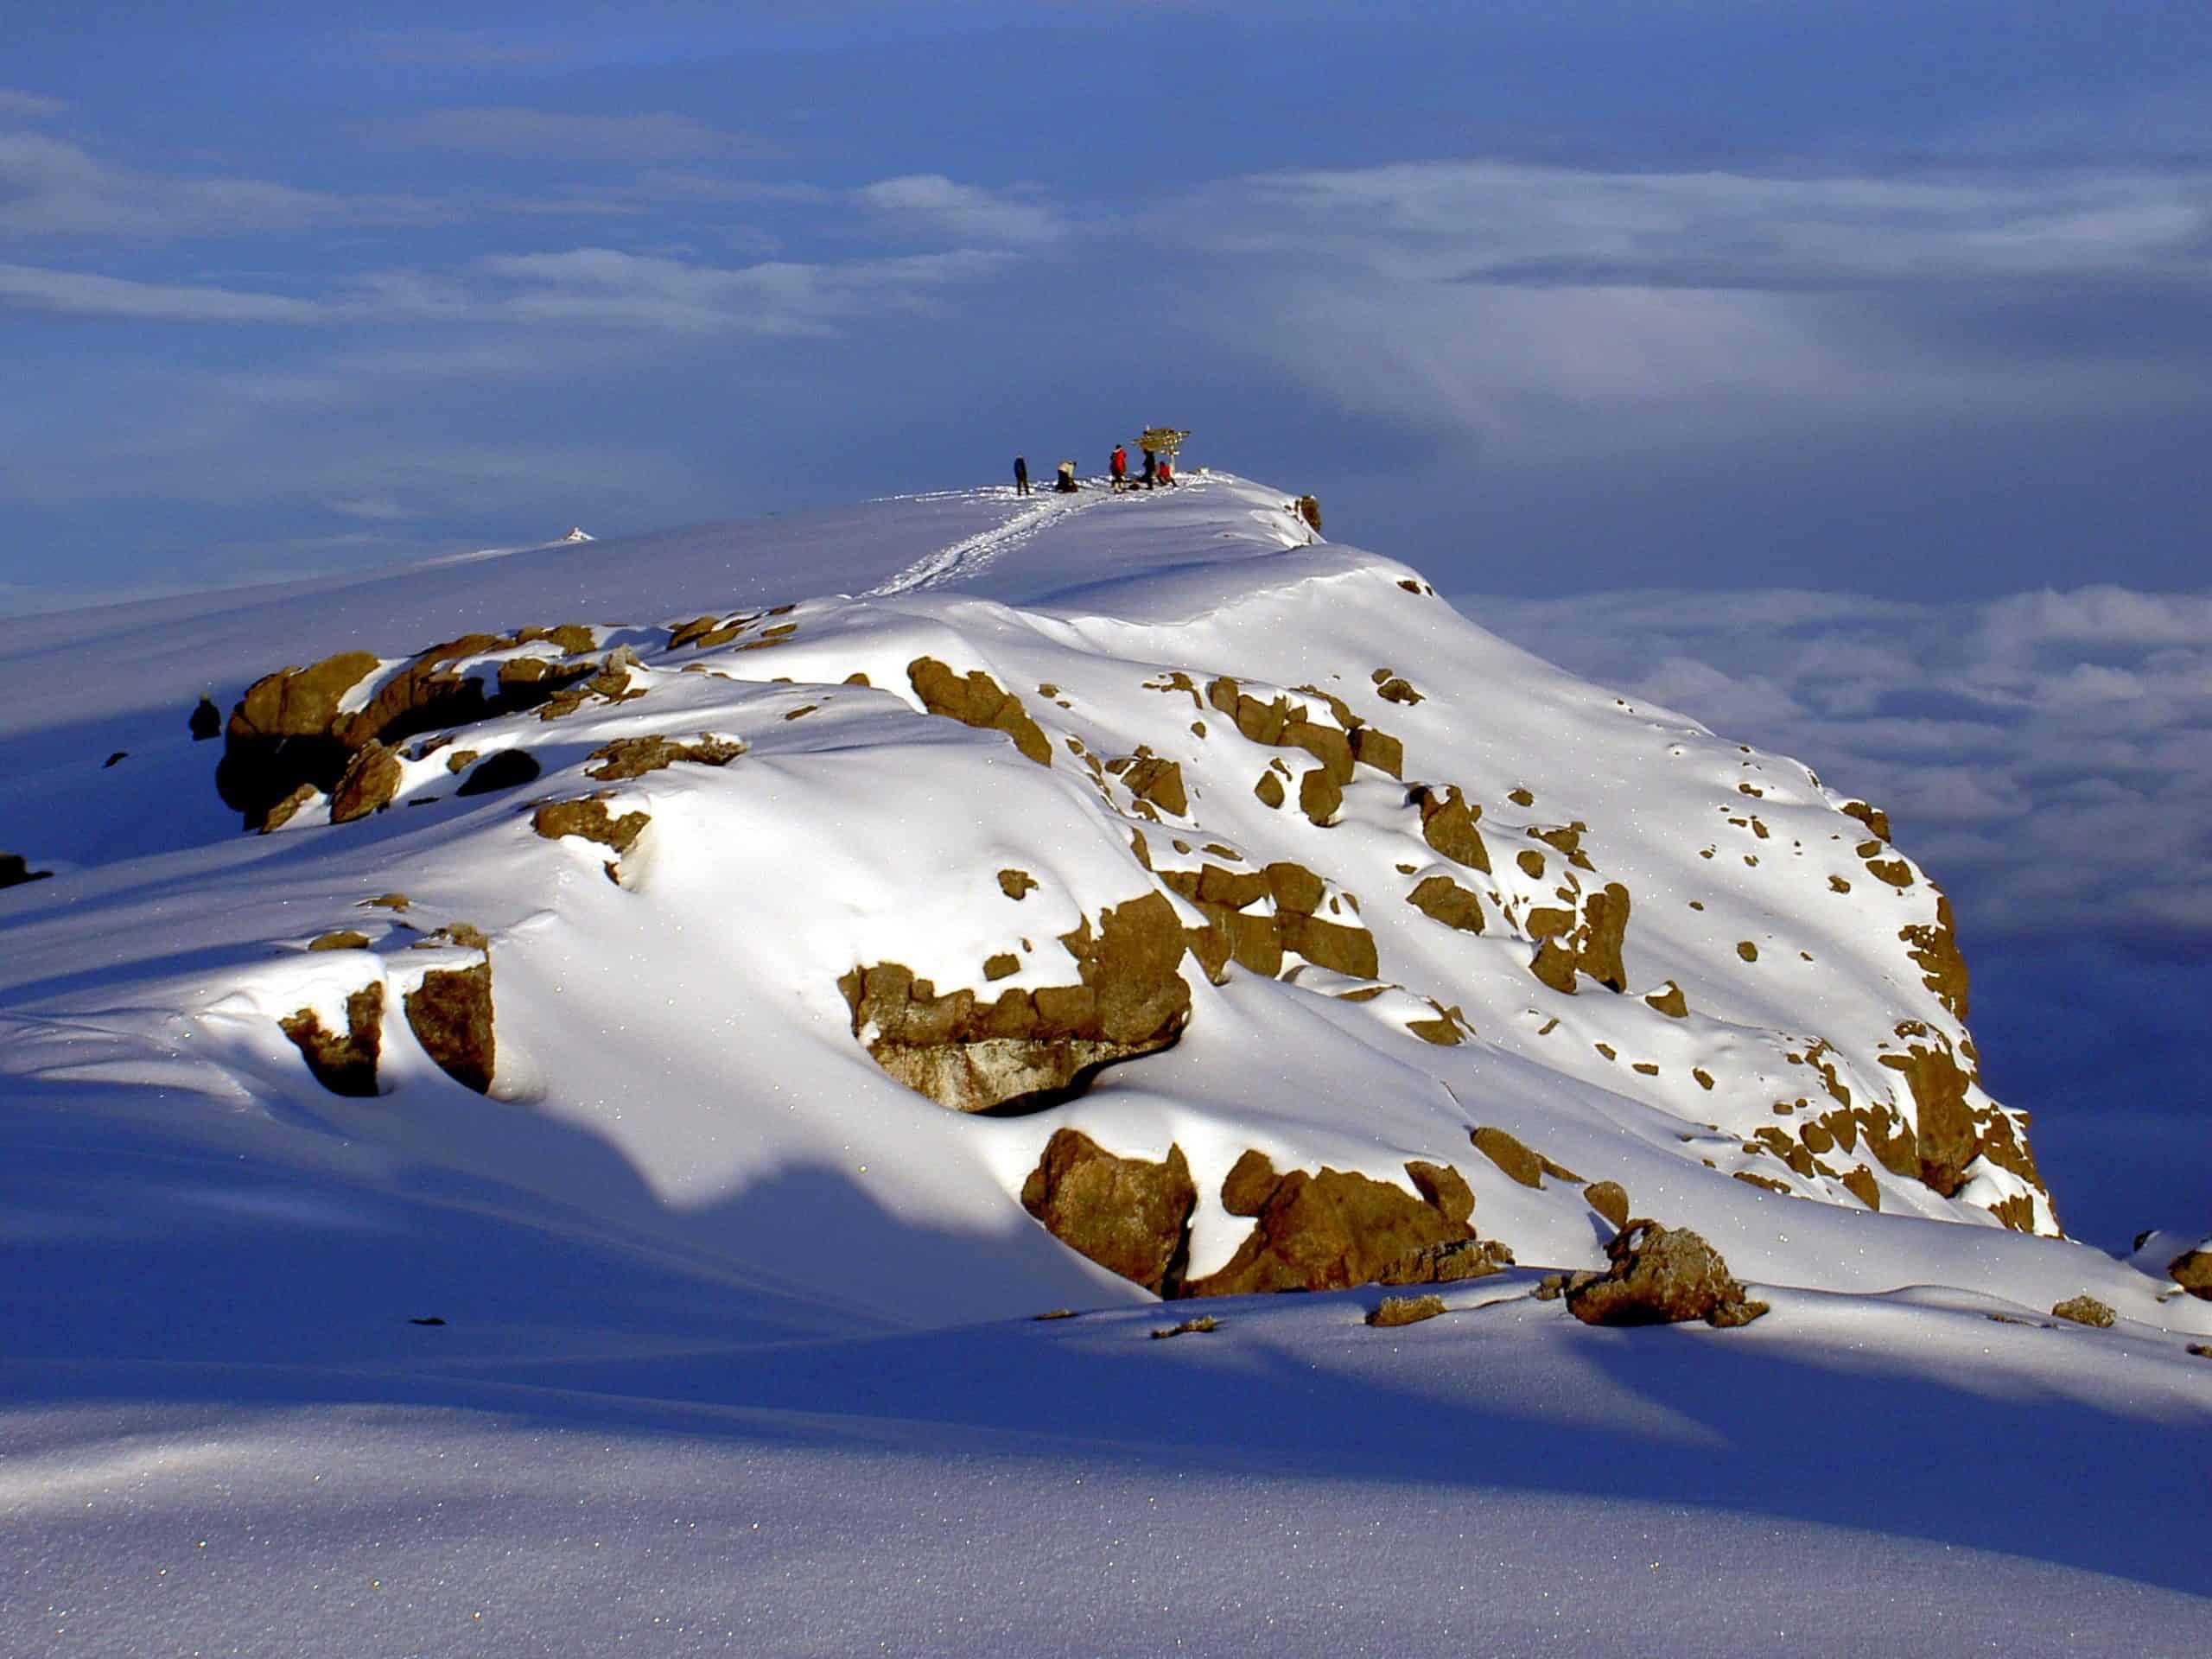 Uhuru Peak Mt. Kilimanjaro 1